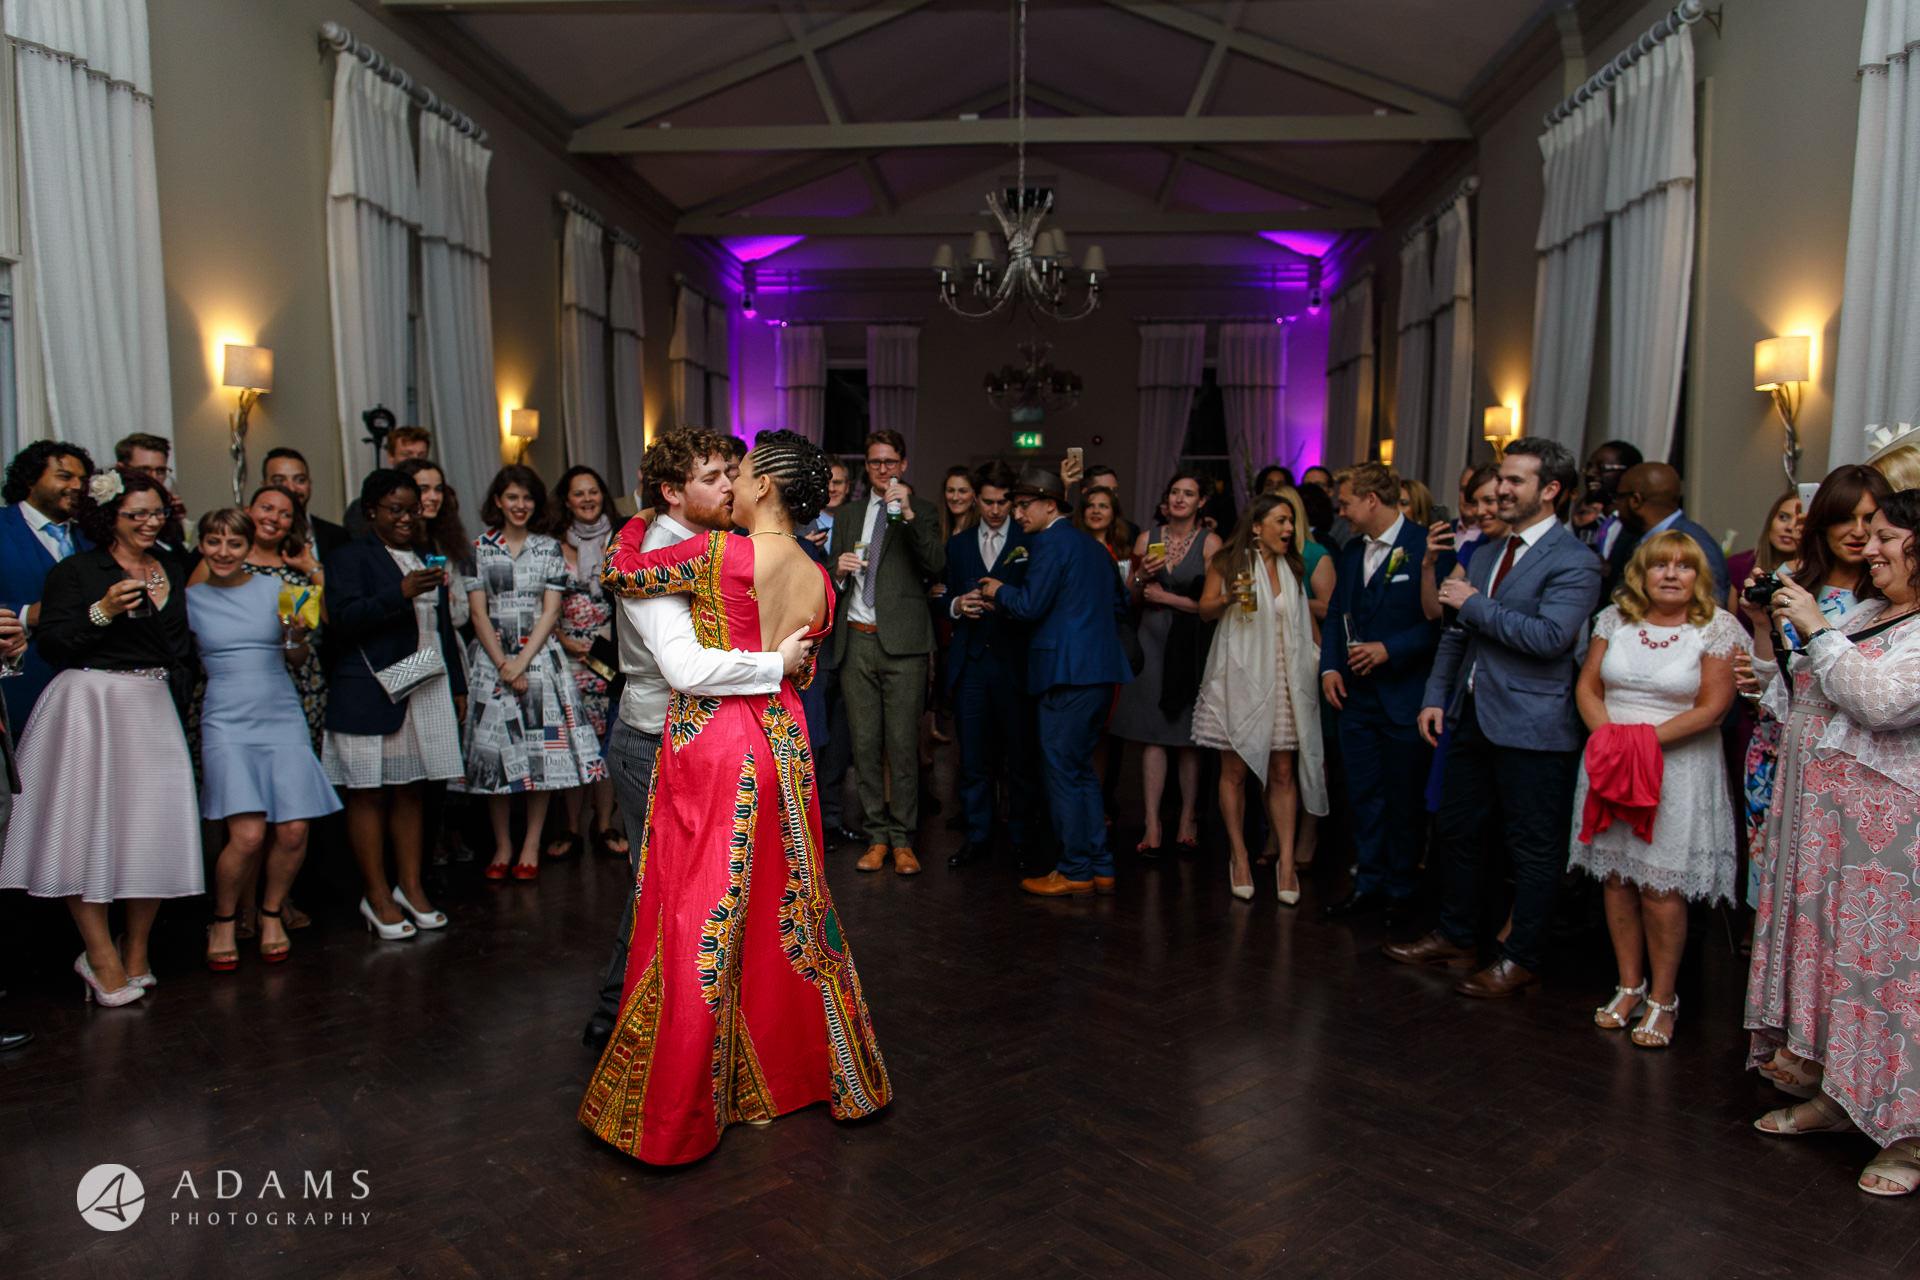 Morden Hall Wedding couple dancing